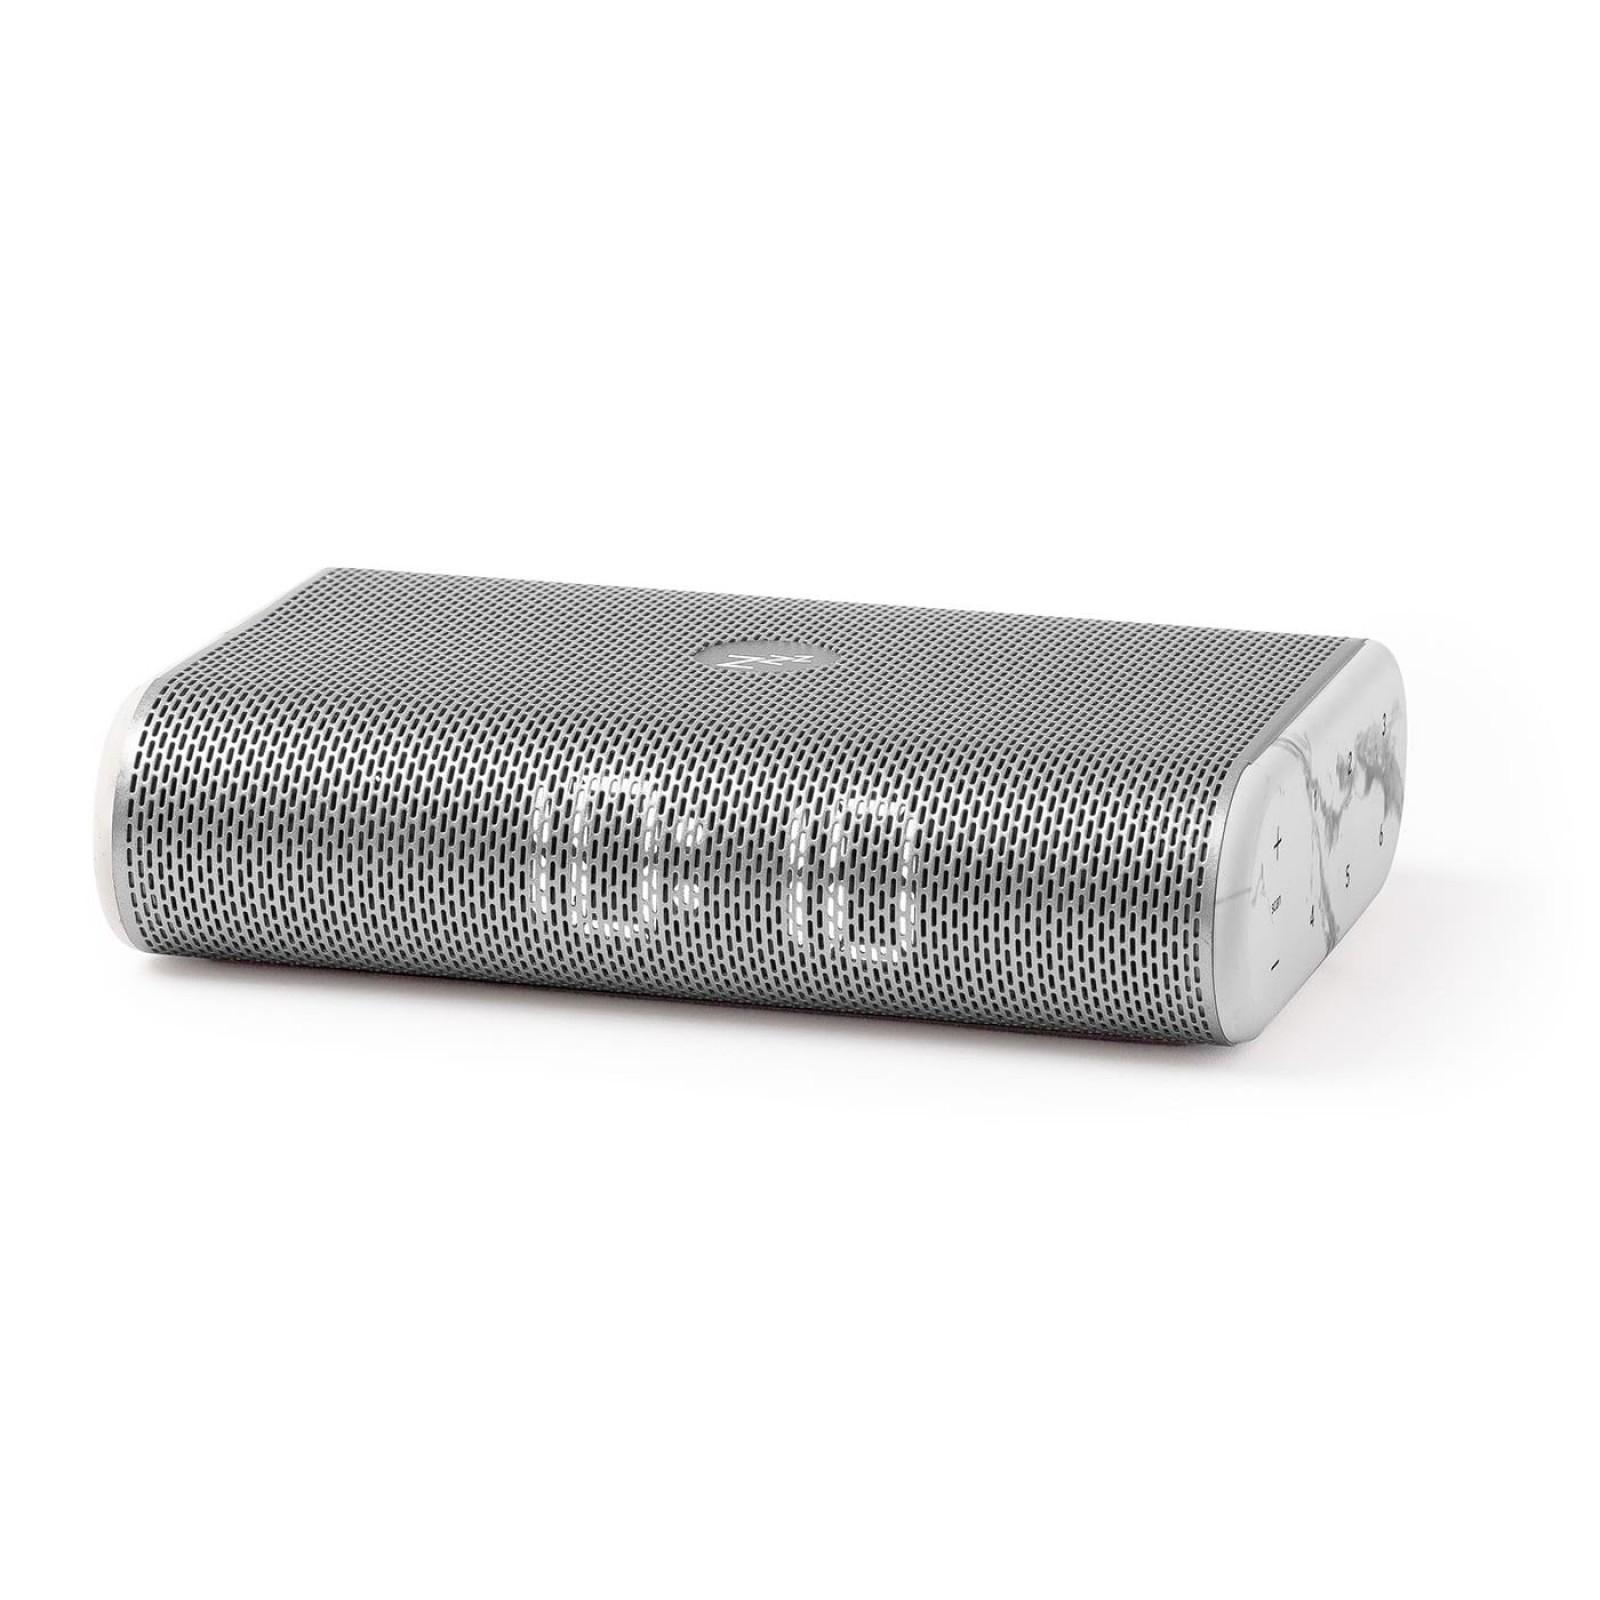 Miami Time FM Clock Radio with LED Display (Silver / White Marble) - LEXON